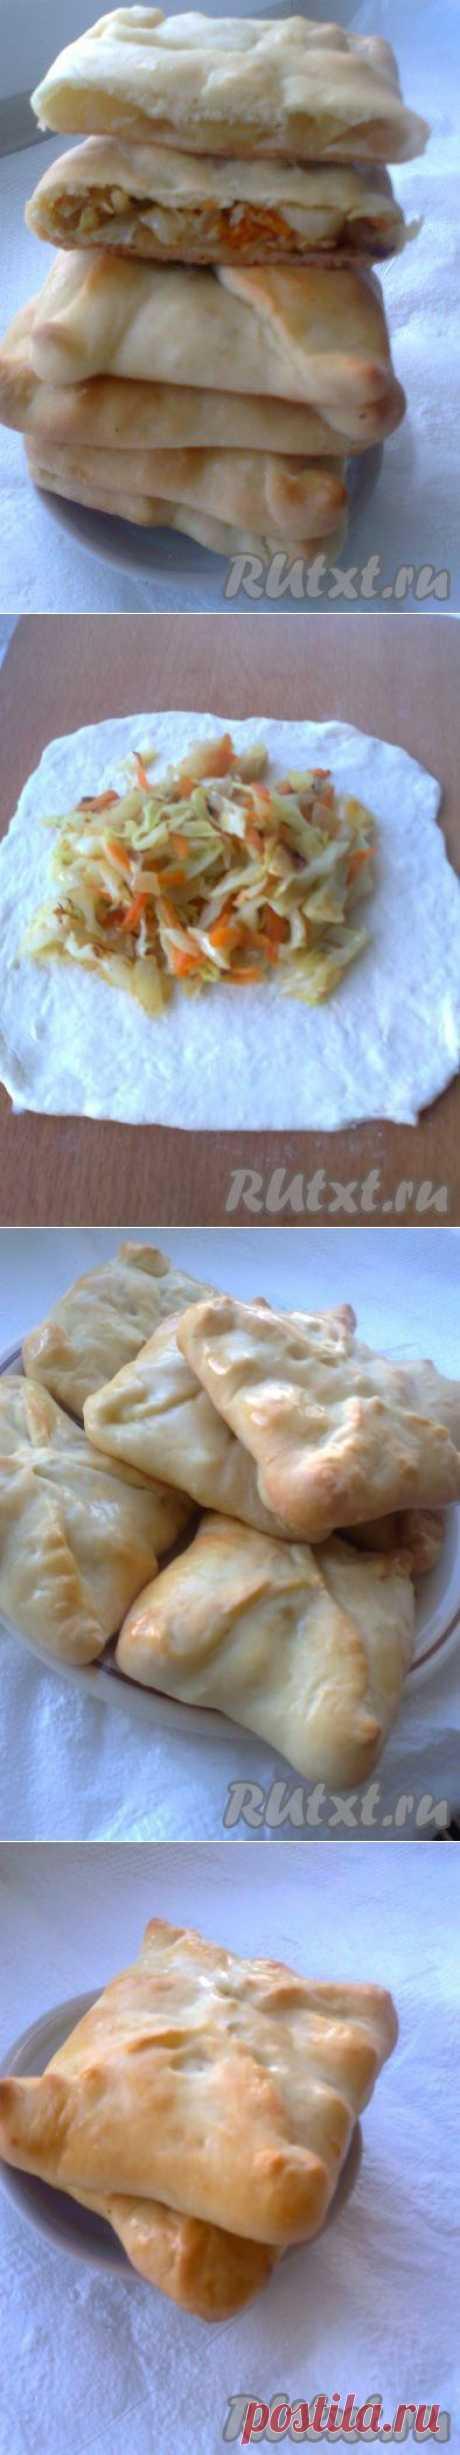 Пирожки на кефире без дрожжей (рецепт с фото) | RUtxt.ru